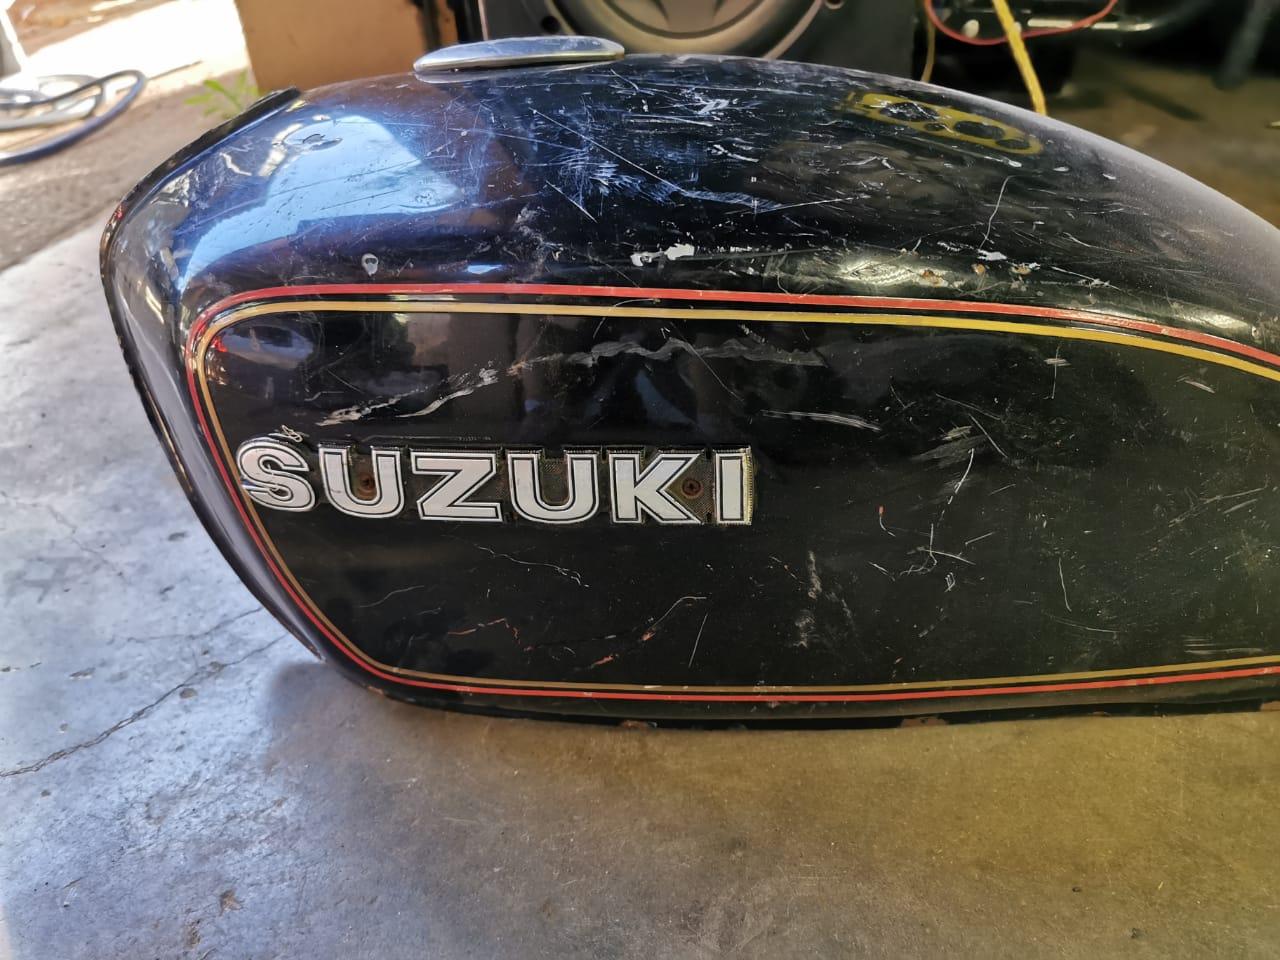 Suzuki GS 1978 model